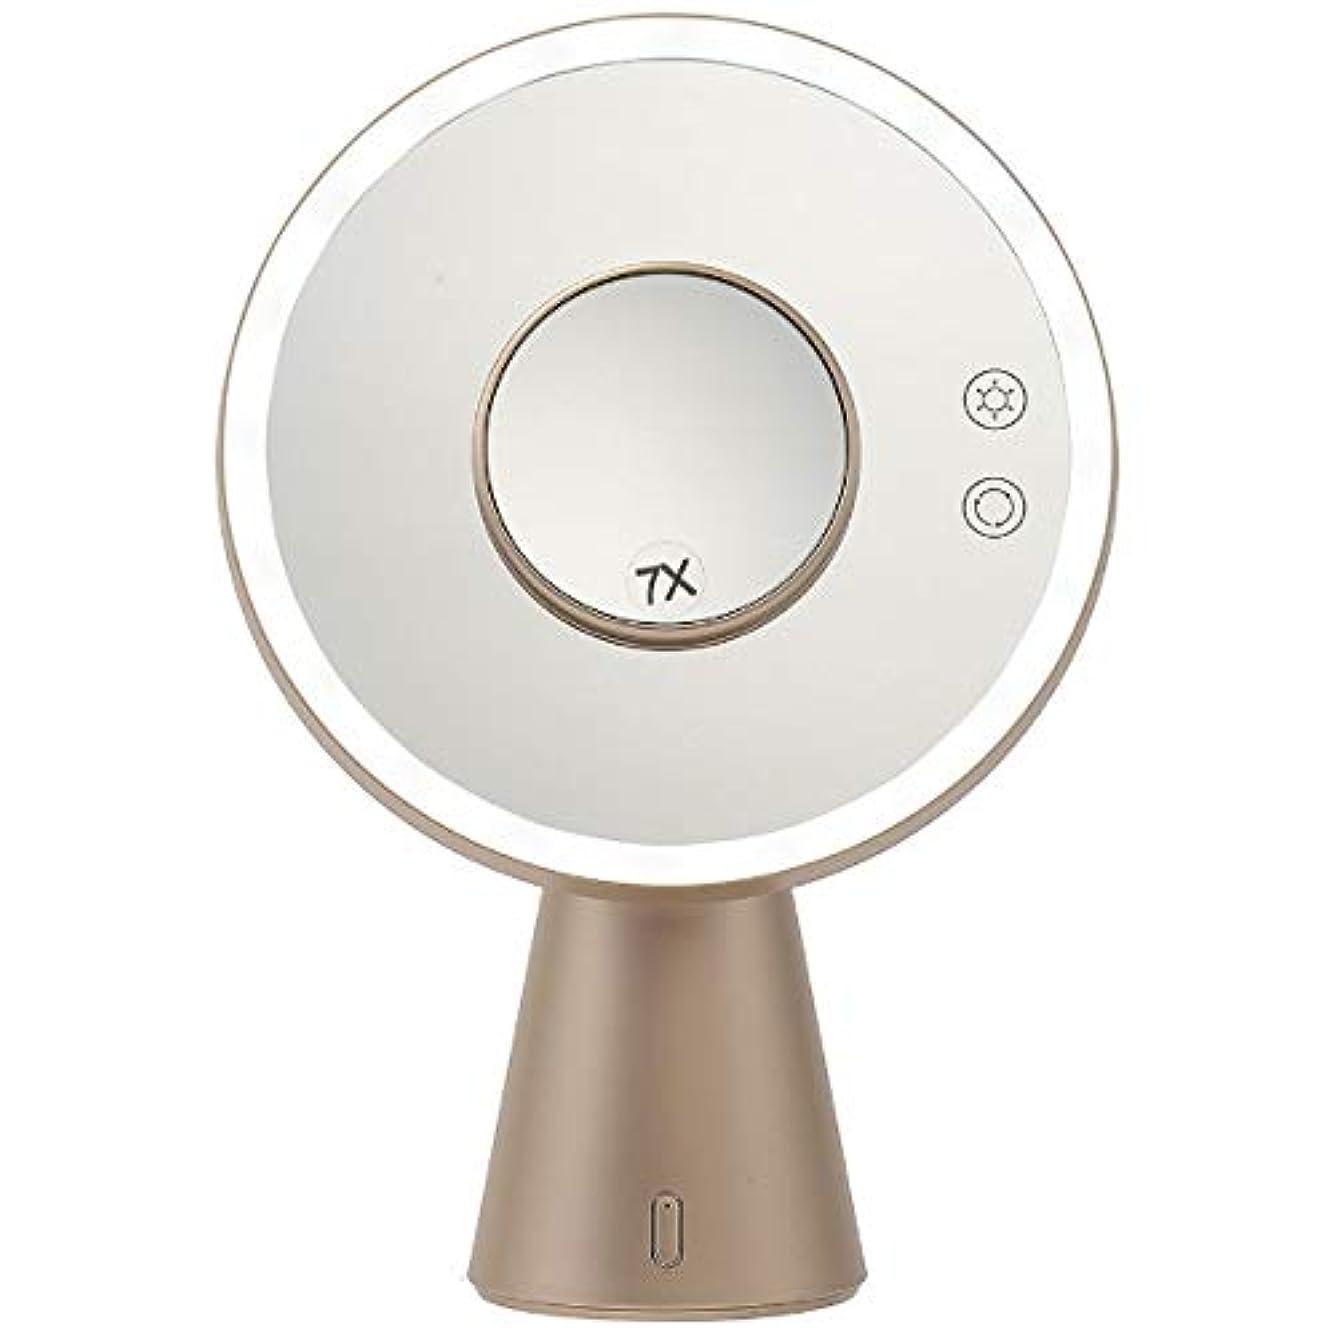 凍結形容詞貼り直す真実の鏡Luxe Bluetooth (CG) EC017LXUSB-7X(CG)